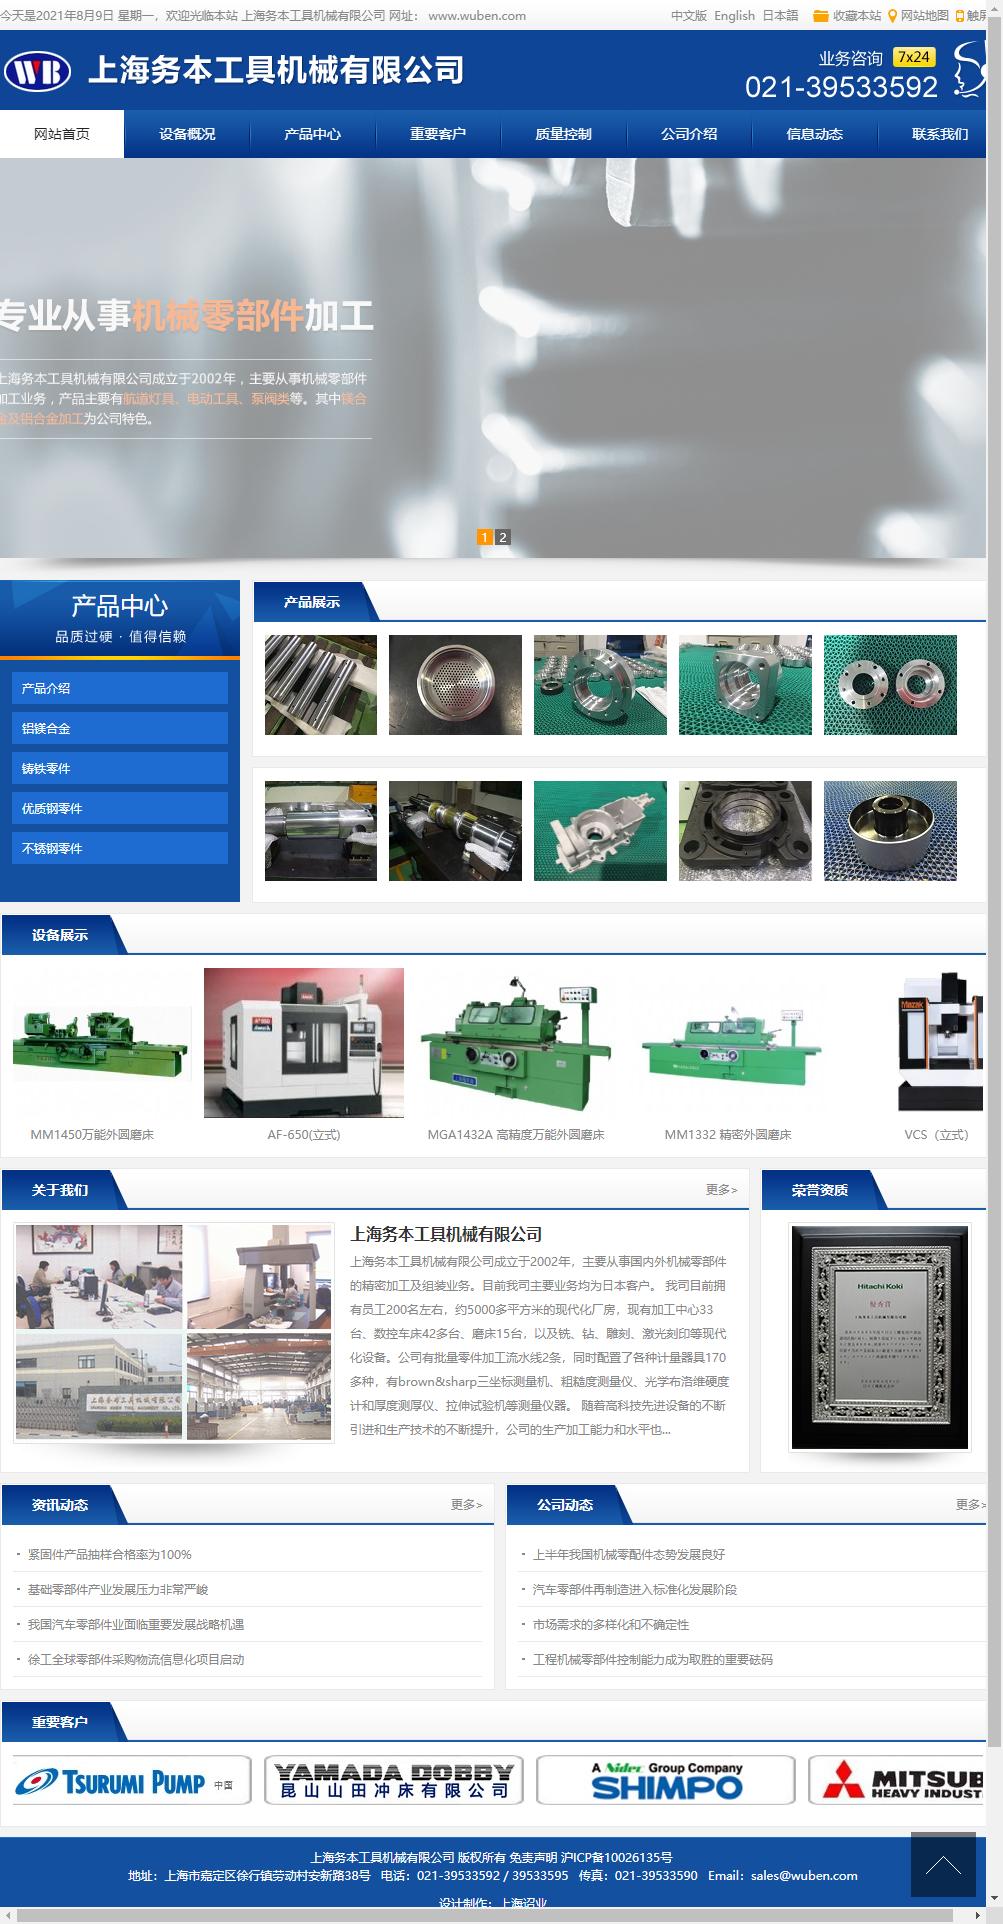 上海务本工具机械有限公司网站案例